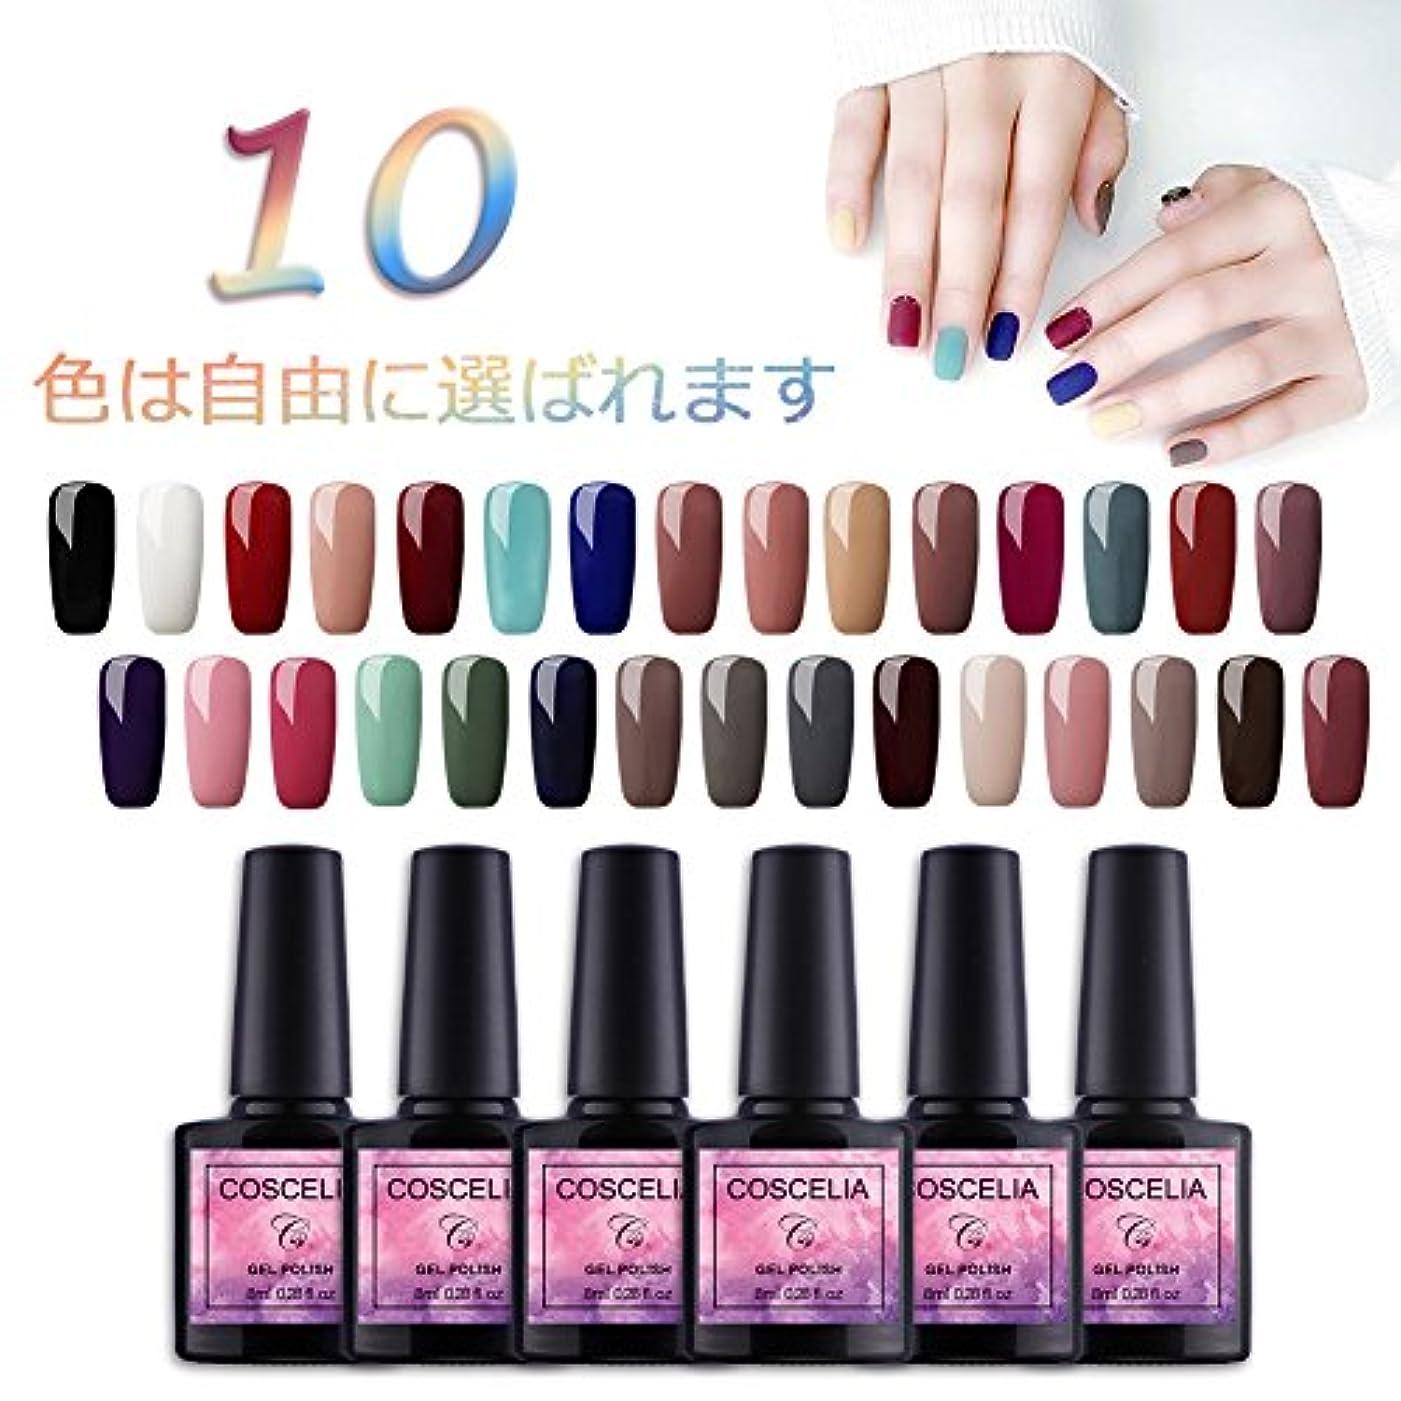 十代授業料穴Twinkle Store カラージェル 10色套装 8 ml ジェルネイルカラー UV/LED 适用 ネイルアートジェルで簡単に DIY 10色を自由に選ぶことができる